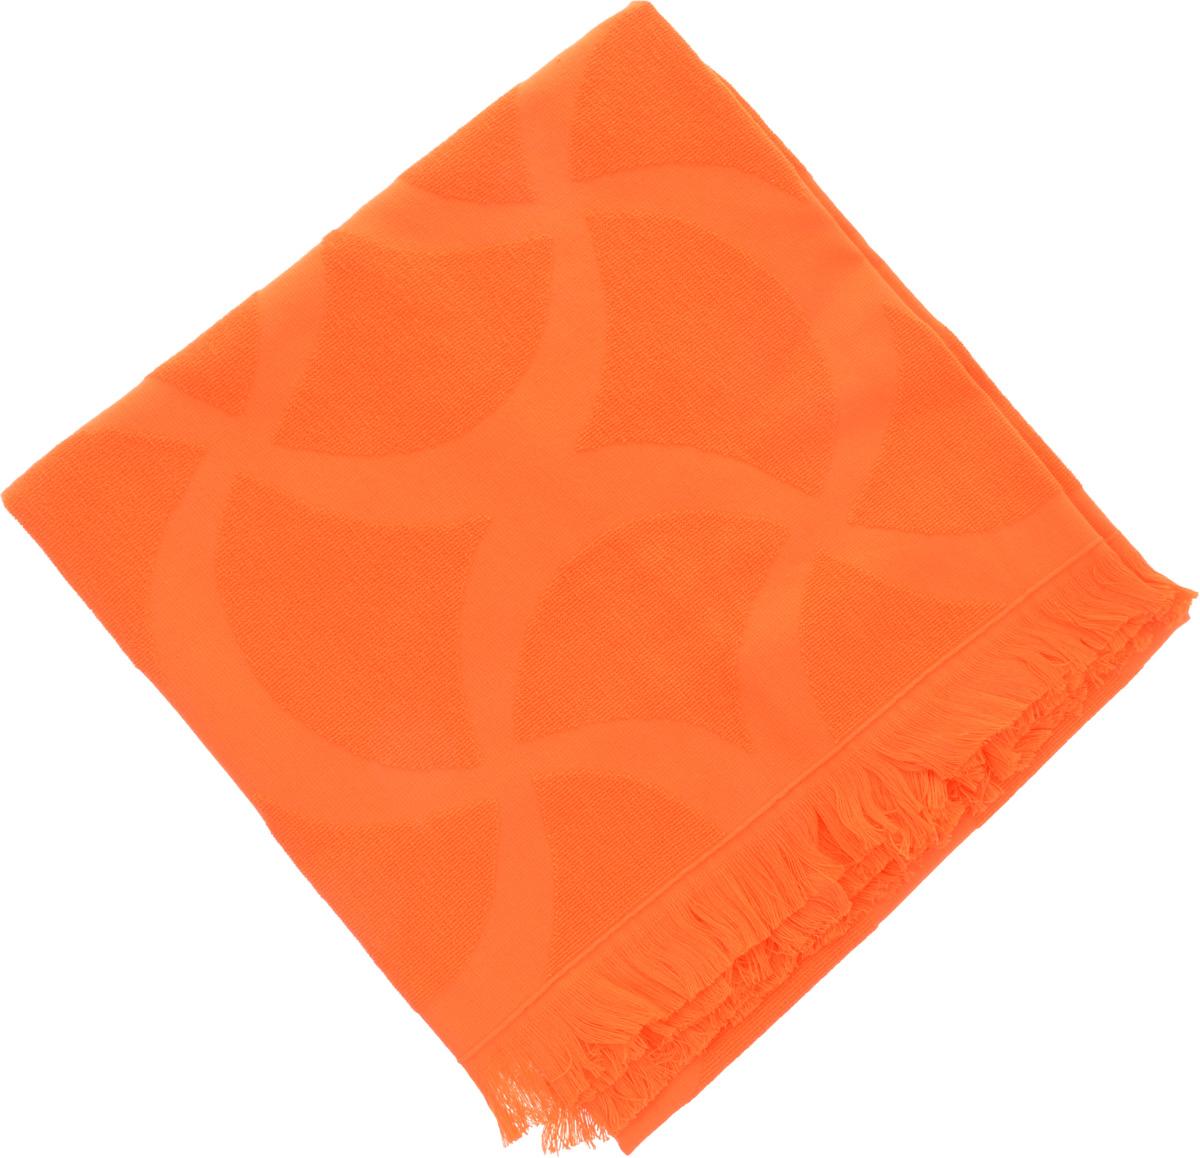 Полотенце Issimo Home Rondelle, цвет: оранжевый, 70 x 140 см1004900000360Полотенце Issimo Home Rondelle выполнено из 100% хлопка. Изделие отлично впитывает влагу, быстро сохнет, сохраняет яркость цвета и не теряет форму даже после многократных стирок. Полотенце очень практично и неприхотливо в уходе. Такое полотенце прекрасно дополнит интерьер ванной комнаты.